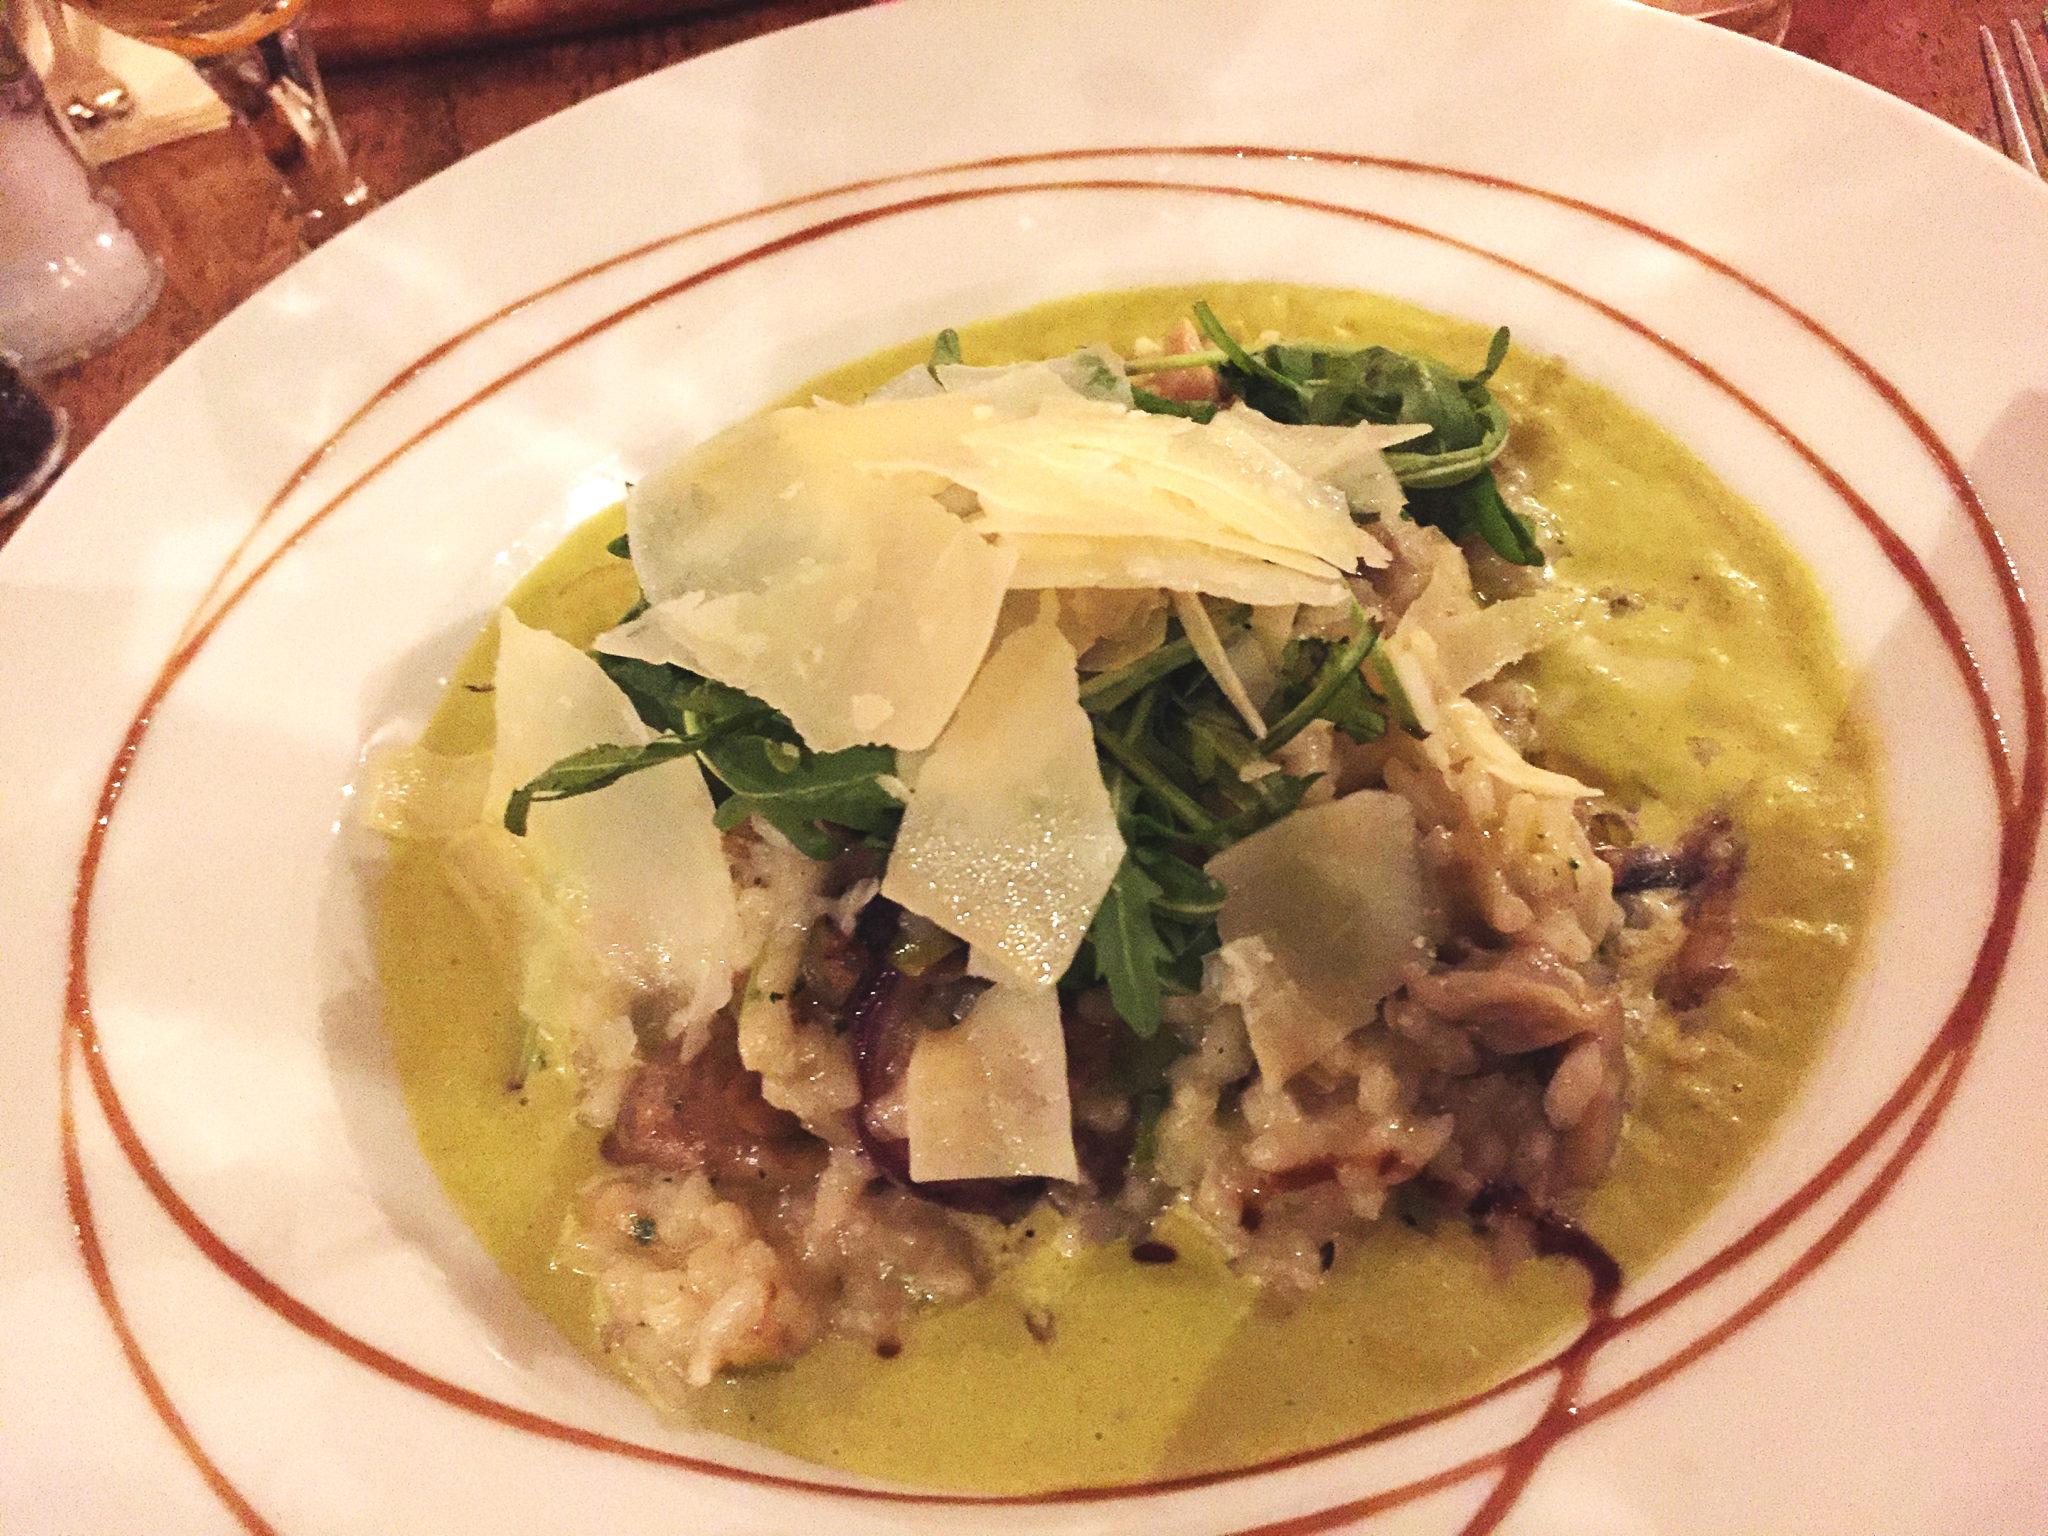 Hema_Bruxelles_bonnes_adresses_restaurant_cercle_des_voyageurs_risotto_creme_artichaud_truffe